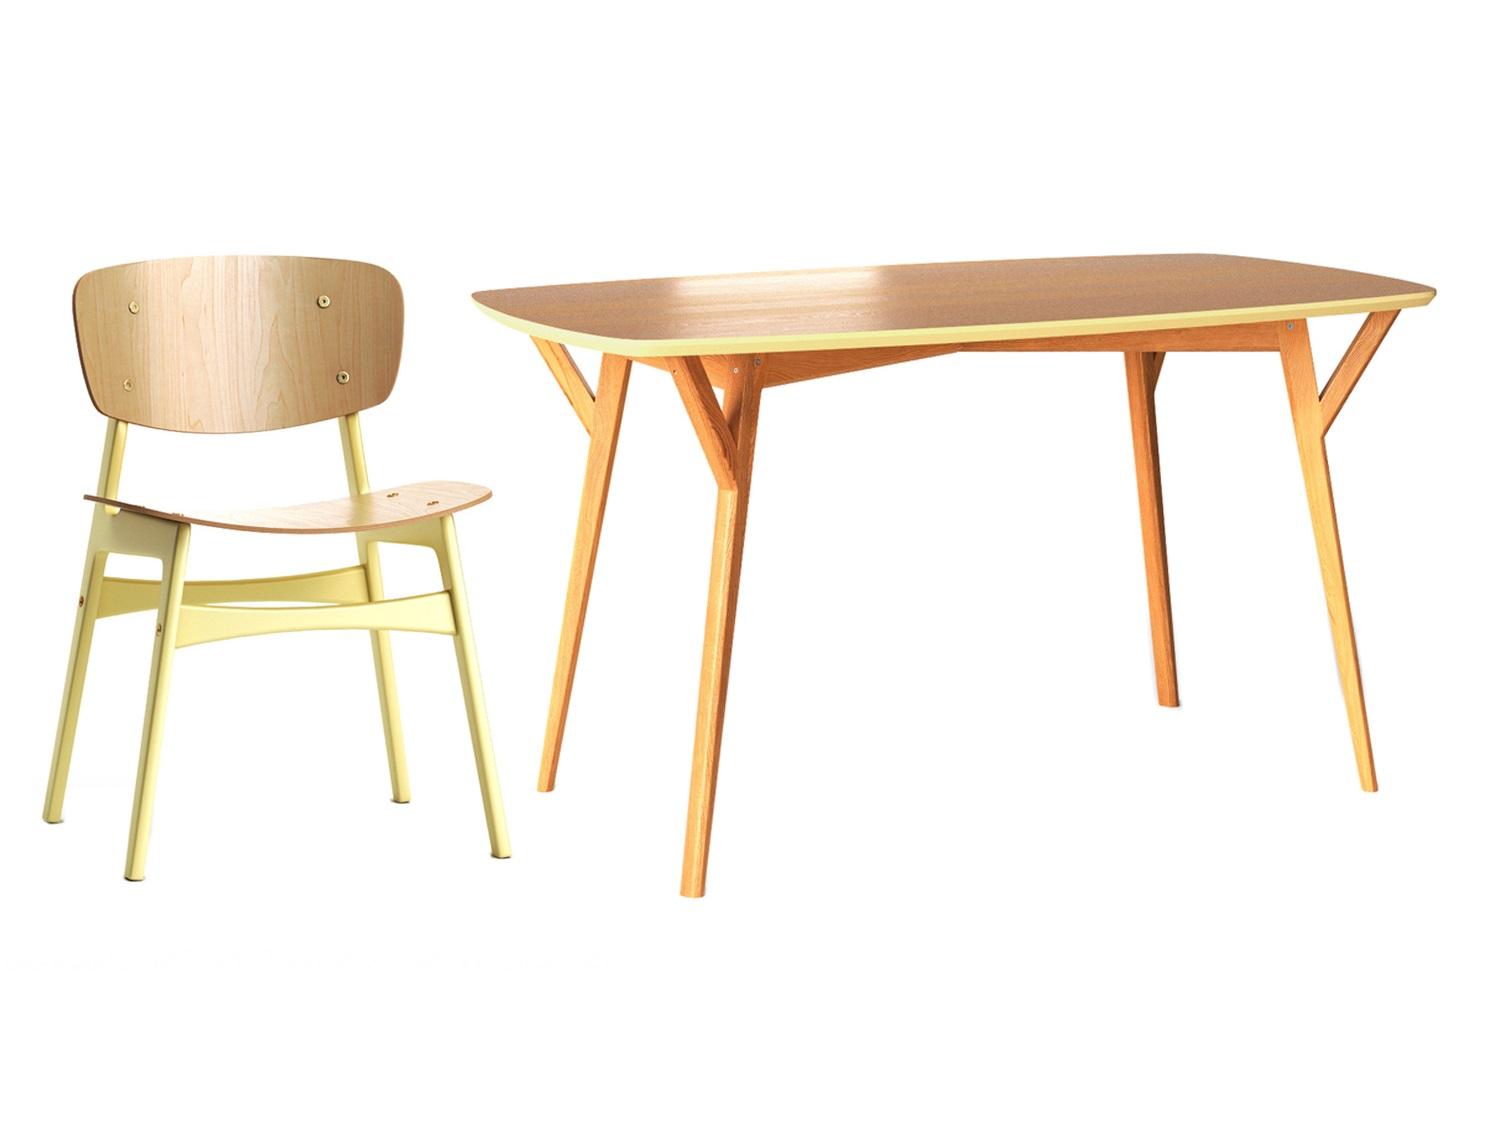 Обеденная группа Proso (стол + 4 стула)Комплекты для столовой<br>&amp;lt;div&amp;gt;&amp;lt;div&amp;gt;&amp;lt;div&amp;gt;Обеденный стол PROSO обладает универсальным дизайном и исключительно устойчивым основанием, что делает его незаменимым в больших семьях и общественных местах. Отсутствие острых углов бережет от нежелательных царапин, а множество вариантов отделок дают возможность создать неповторимую атмосферу.&amp;lt;/div&amp;gt;&amp;lt;/div&amp;gt;&amp;lt;/div&amp;gt;&amp;lt;div&amp;gt;&amp;lt;br&amp;gt;&amp;lt;/div&amp;gt;&amp;lt;div&amp;gt;Обеденный стул SID сочетает в себе гармоничный дизайн и удобство. Он обрадует и эстетов, и прагматиков. Спинка и сидение слегка изогнуты, что обеспечит полный комфорт во время трапезы. Отвлеченную форму повторяют и ножки: они слегка наклонены, придавая нижнему основанию трапециевидную форму. Оригинальный окрас ножек в бежевый послужит цветовым акцентом в интерьере.&amp;lt;br&amp;gt;&amp;lt;/div&amp;gt;&amp;lt;div&amp;gt;&amp;lt;br&amp;gt;&amp;lt;/div&amp;gt;&amp;lt;div&amp;gt;&amp;lt;div&amp;gt;Размеры стола: 140/80/75&amp;lt;/div&amp;gt;&amp;lt;div&amp;gt;Материал стола: дерево&amp;lt;/div&amp;gt;&amp;lt;div&amp;gt;Размеры стула: 54/46/78&amp;lt;/div&amp;gt;&amp;lt;div&amp;gt;Материал стула: дерево&amp;lt;/div&amp;gt;&amp;lt;/div&amp;gt;<br><br>Material: Дерево<br>Ширина см: 80<br>Высота см: 75